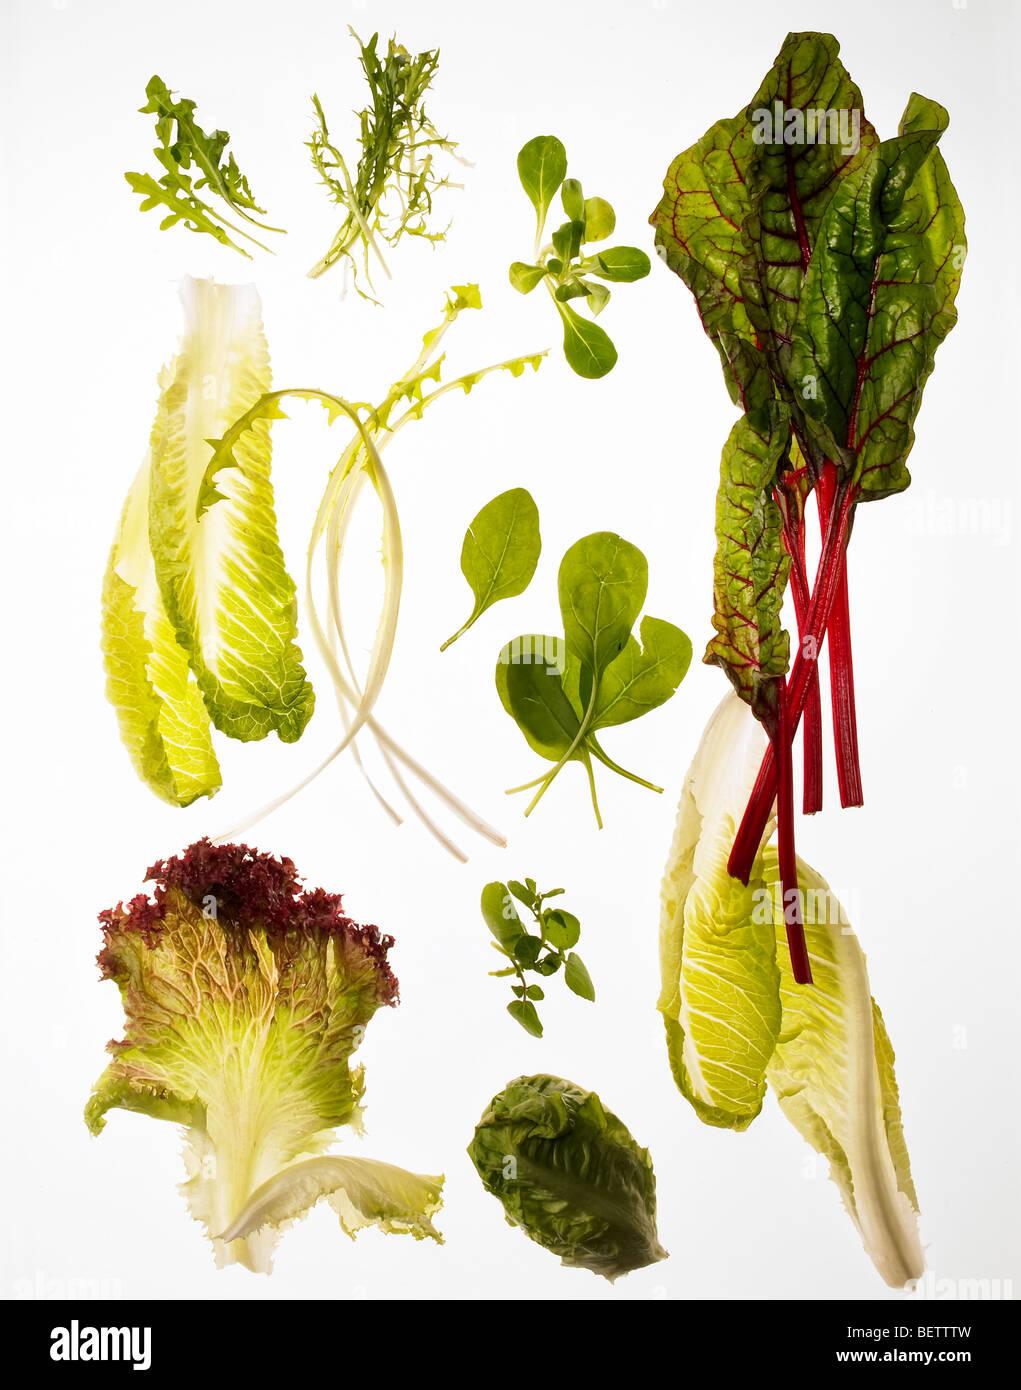 Salada ingredientes, diferentes folhas verdes adequados para saladas. Imagens de Stock